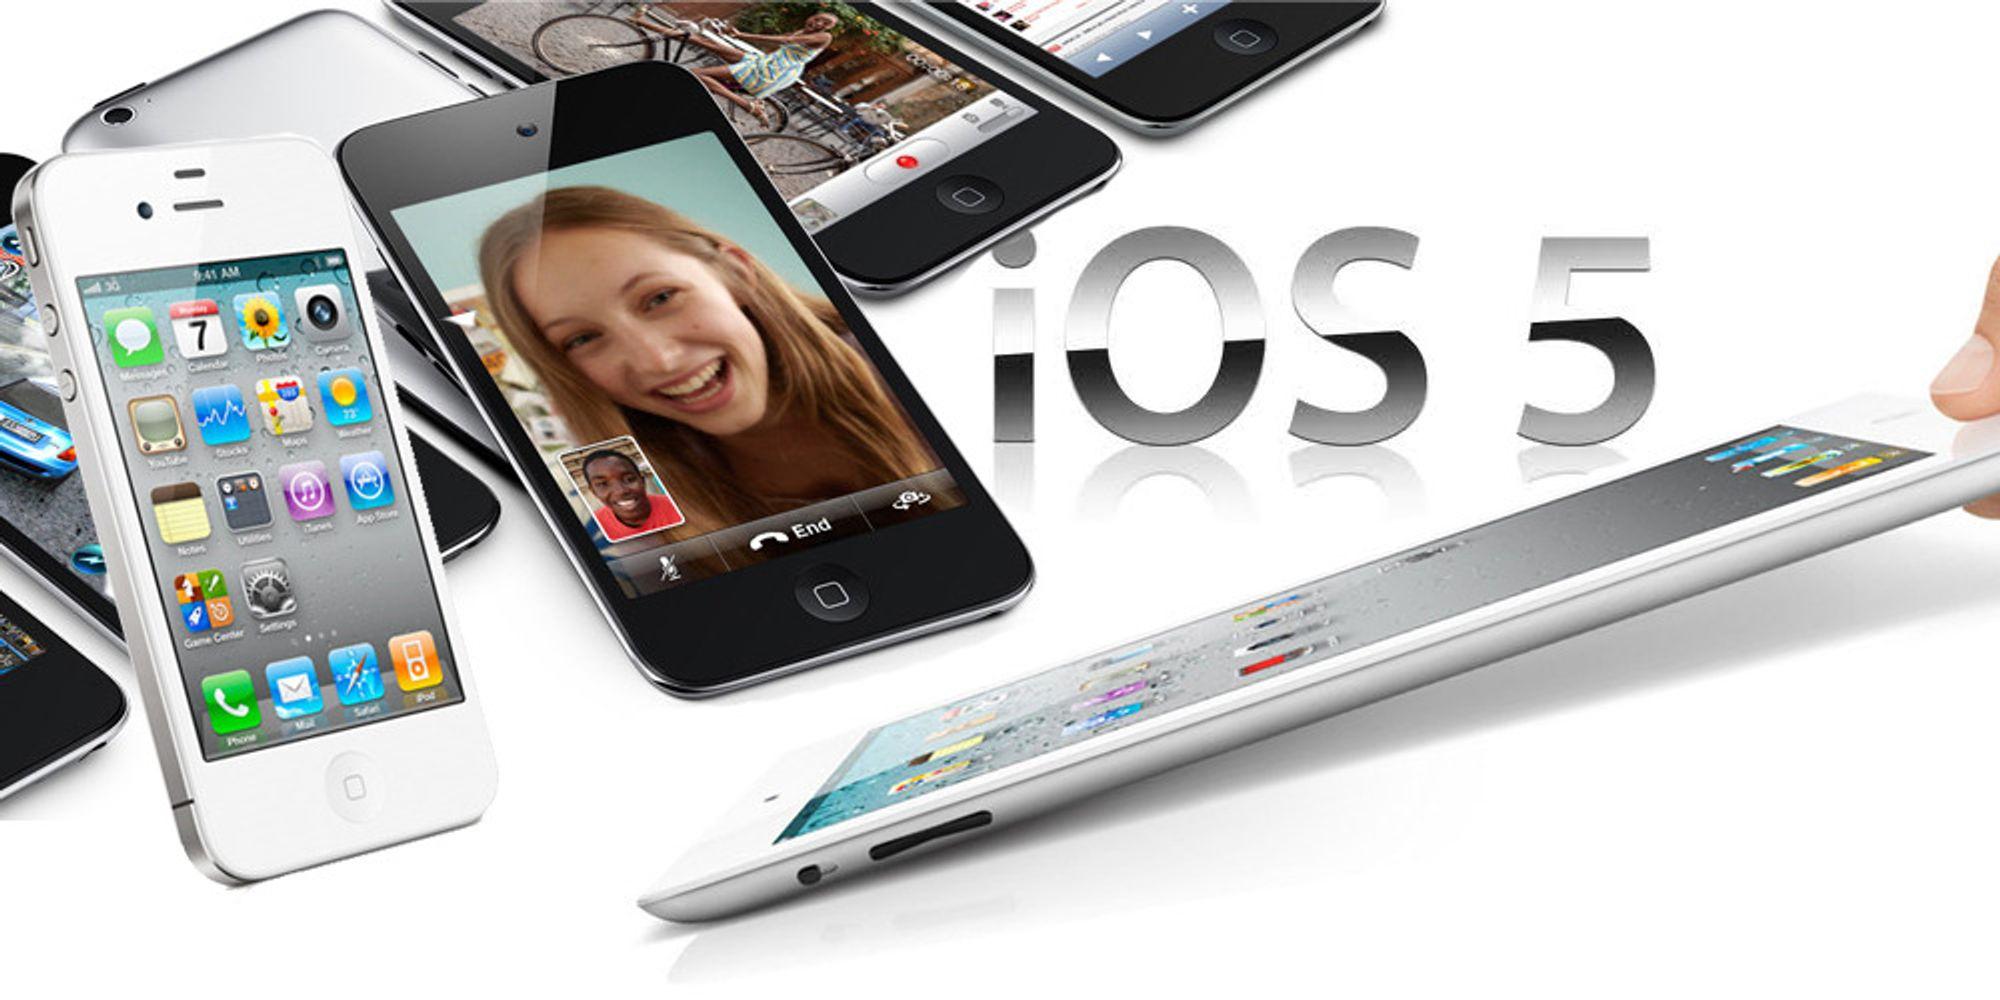 Dette er nytt i iOS 5.1